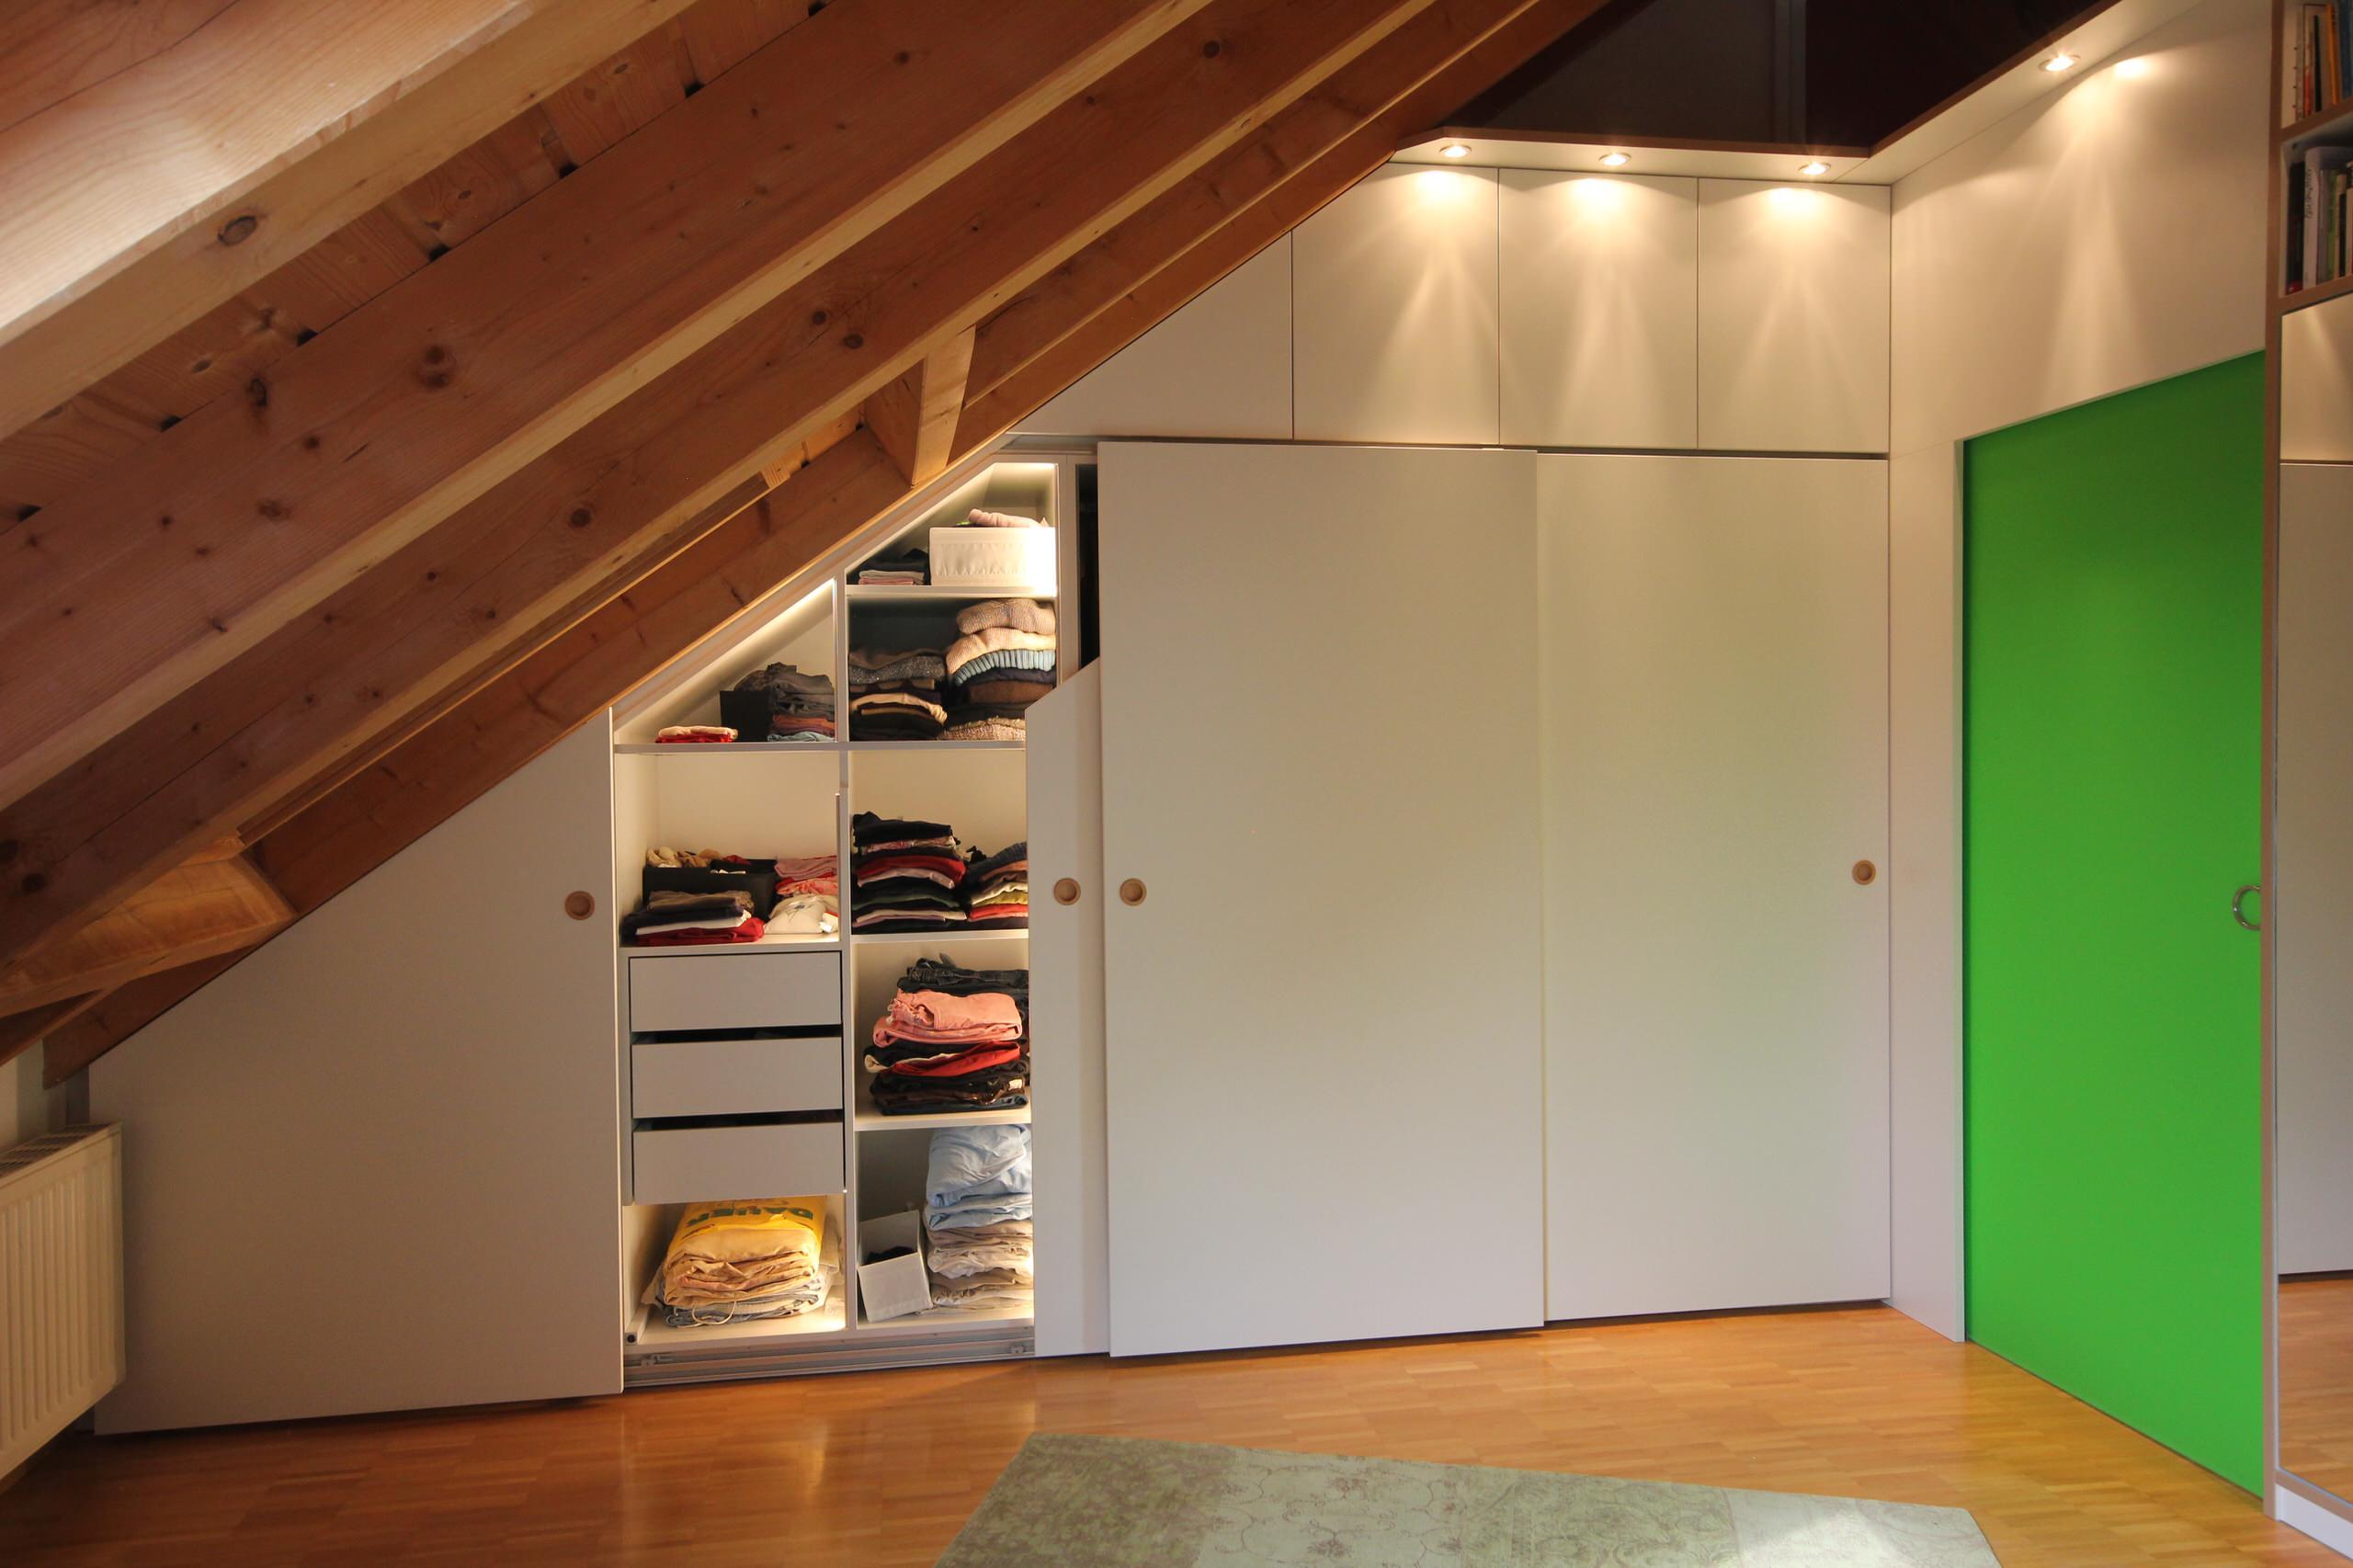 Dachgeschoss - Einbauten